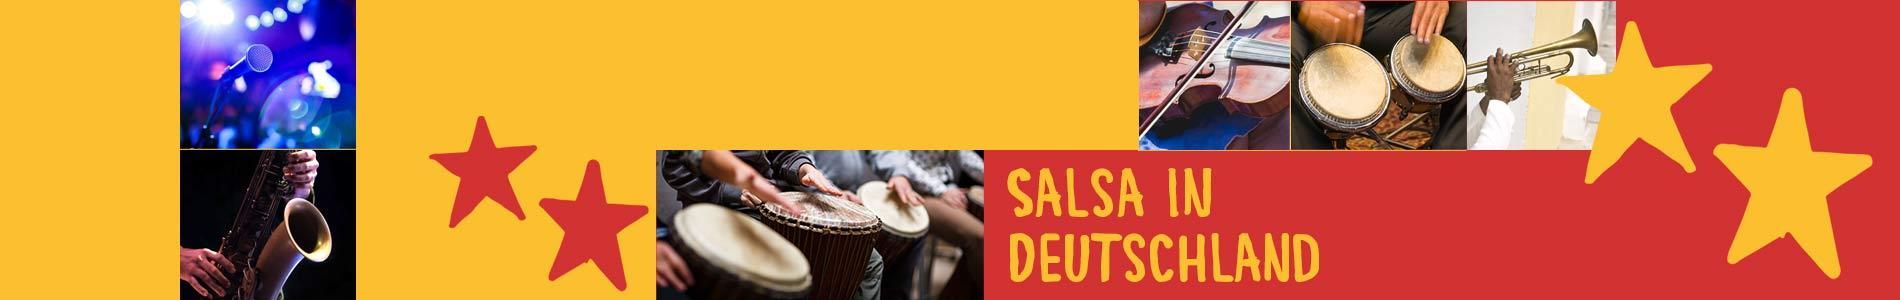 Salsa in Cölbe – Salsa lernen und tanzen, Tanzkurse, Partys, Veranstaltungen